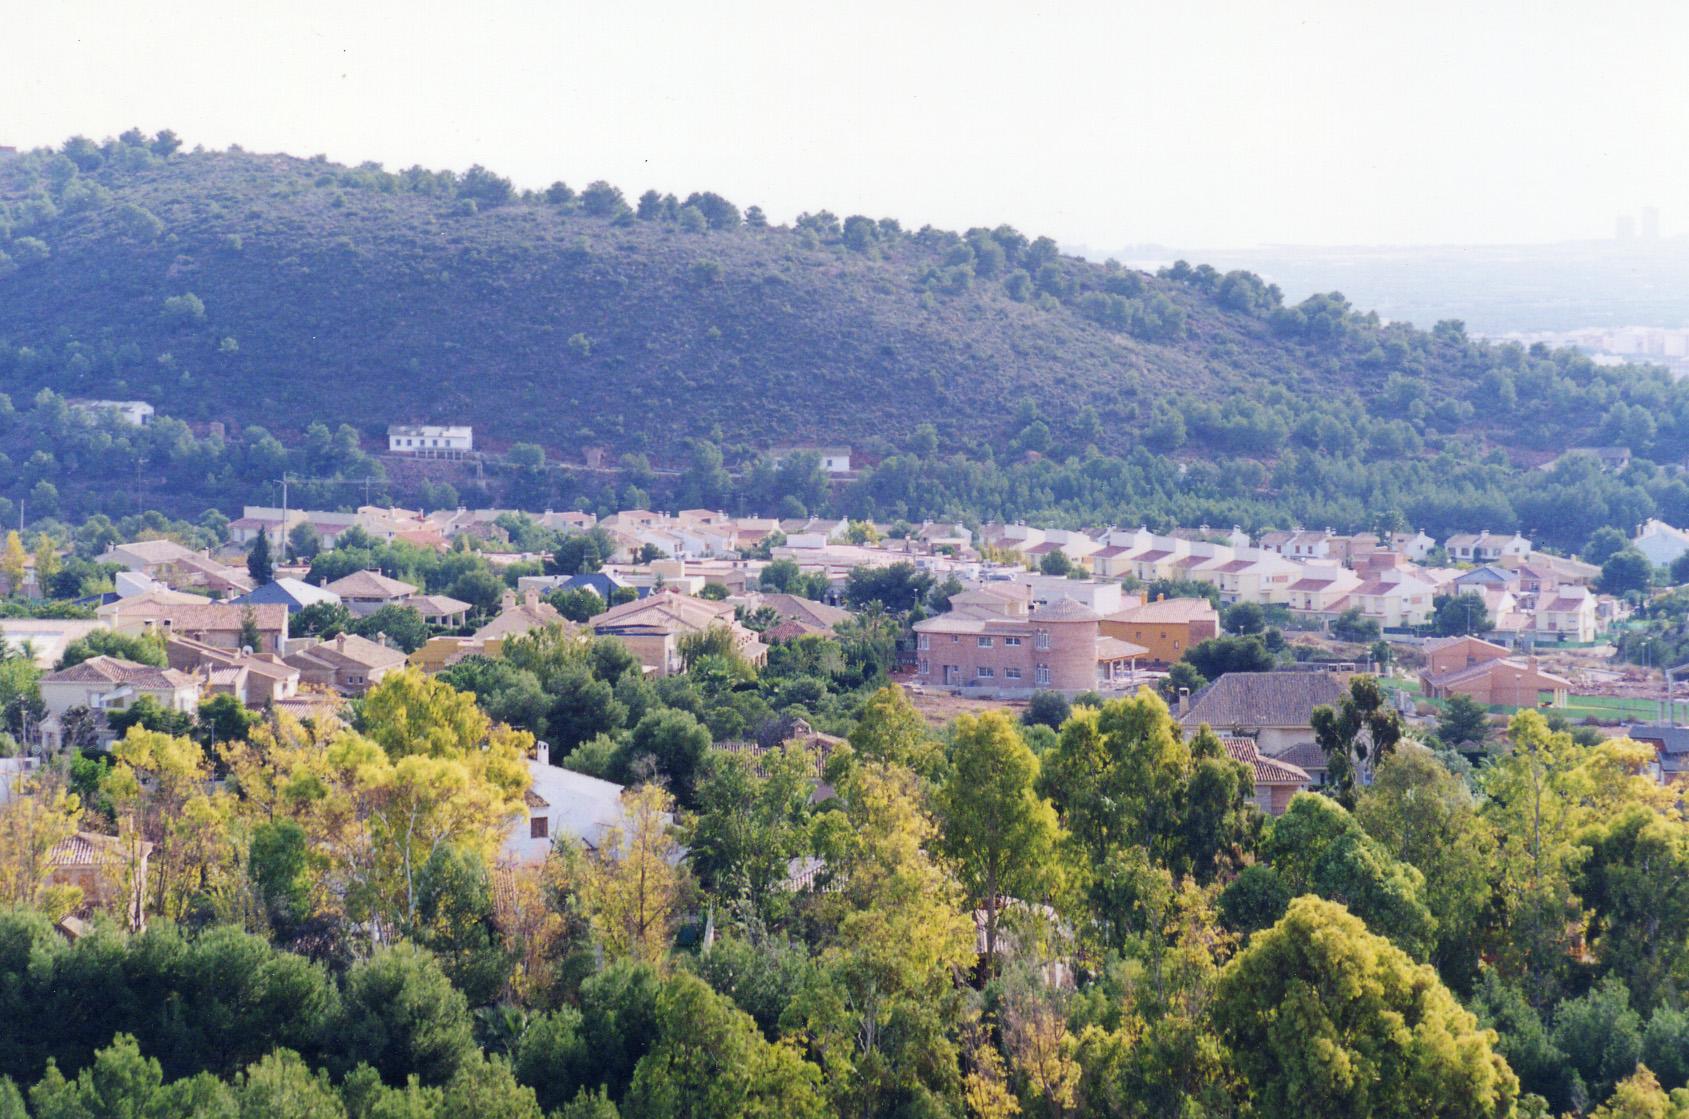 Urbanización Alfinach<br>Estacionamientos de vehículos